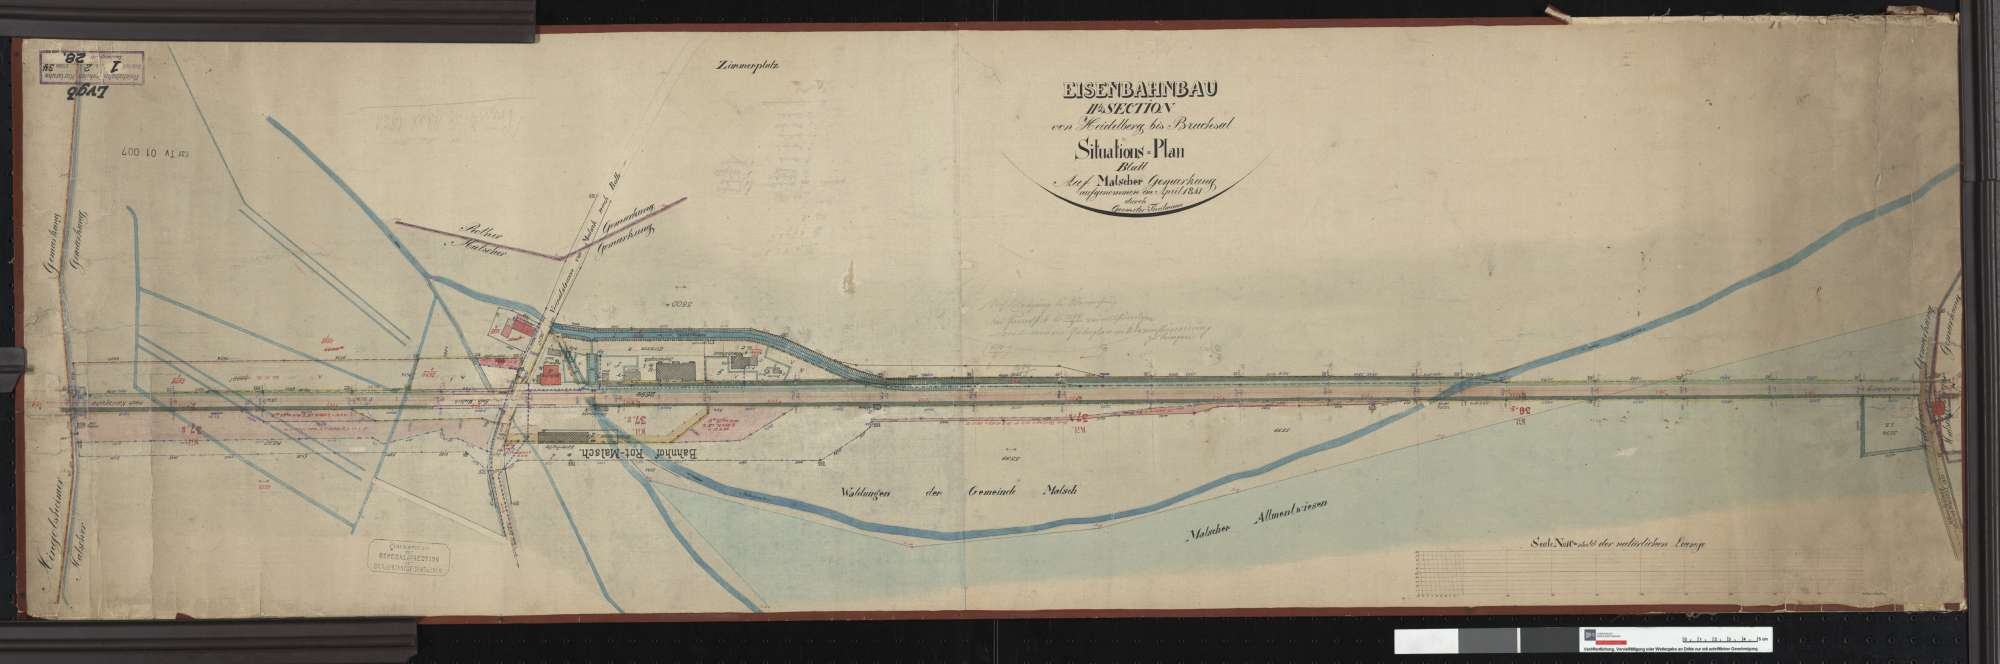 Situationsplan der Bahn von Heidelberg bis Bruchsal: Gemarkung Malsch Streckenausschnitt: 36,6 bis 37,9 km, Bild 1